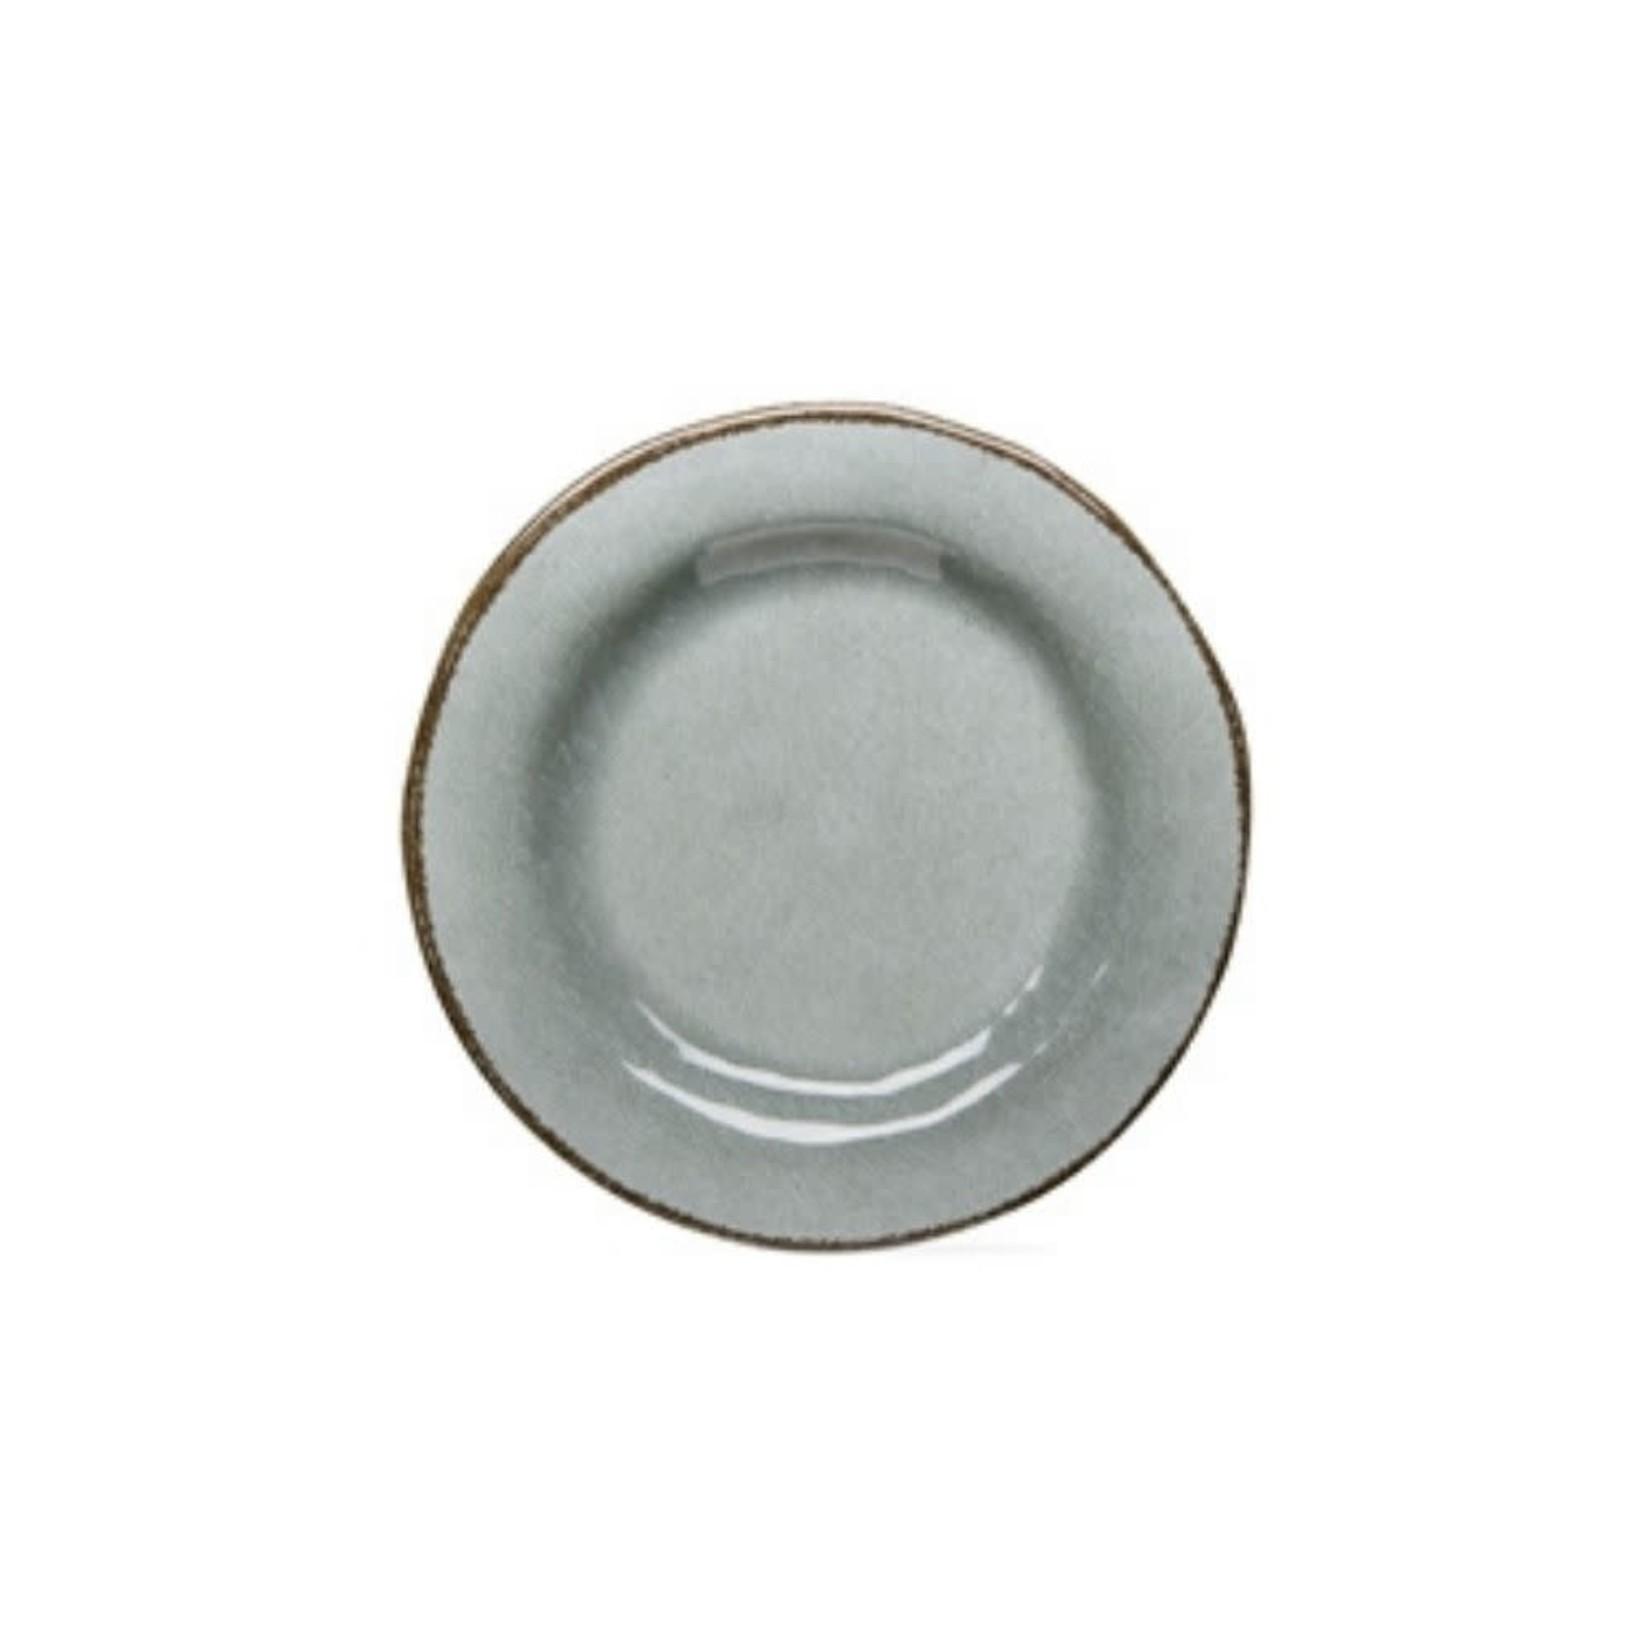 Veranda Melamine Salad Plates Set of 4, Slate Blue